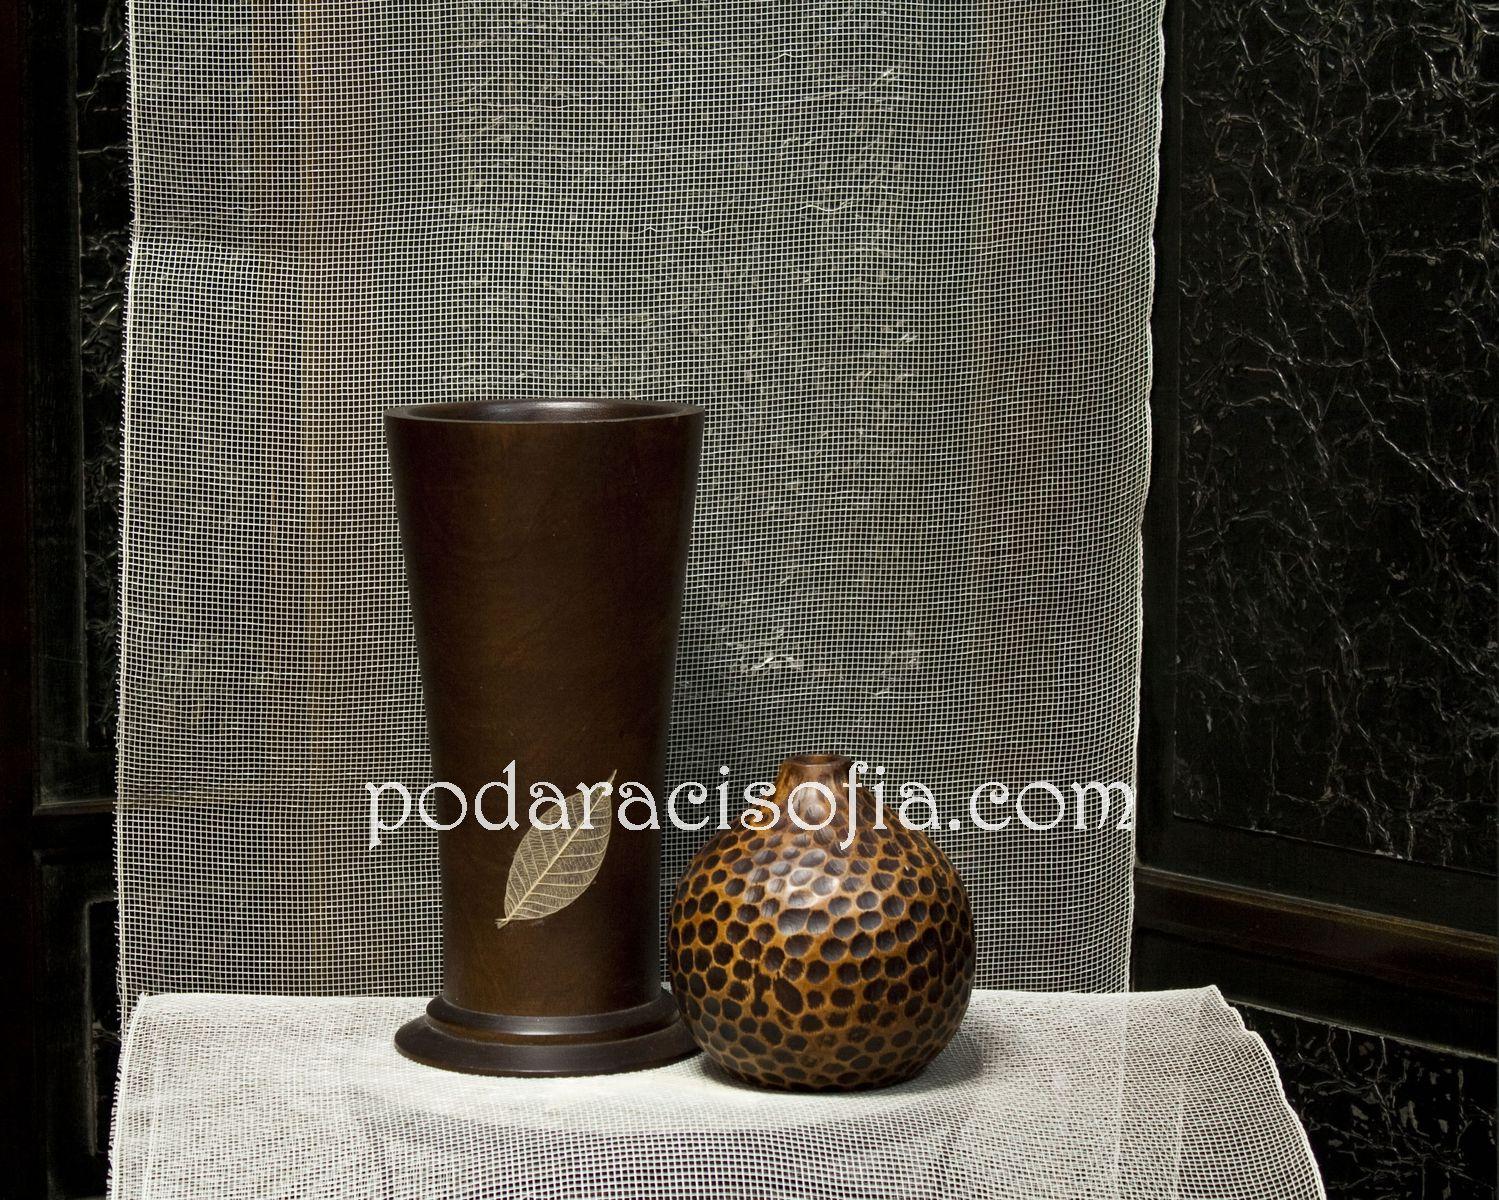 Кръгла, тумбеста ваза и висока права ваза в класическа форма, изработени от керамика в натурални цветове